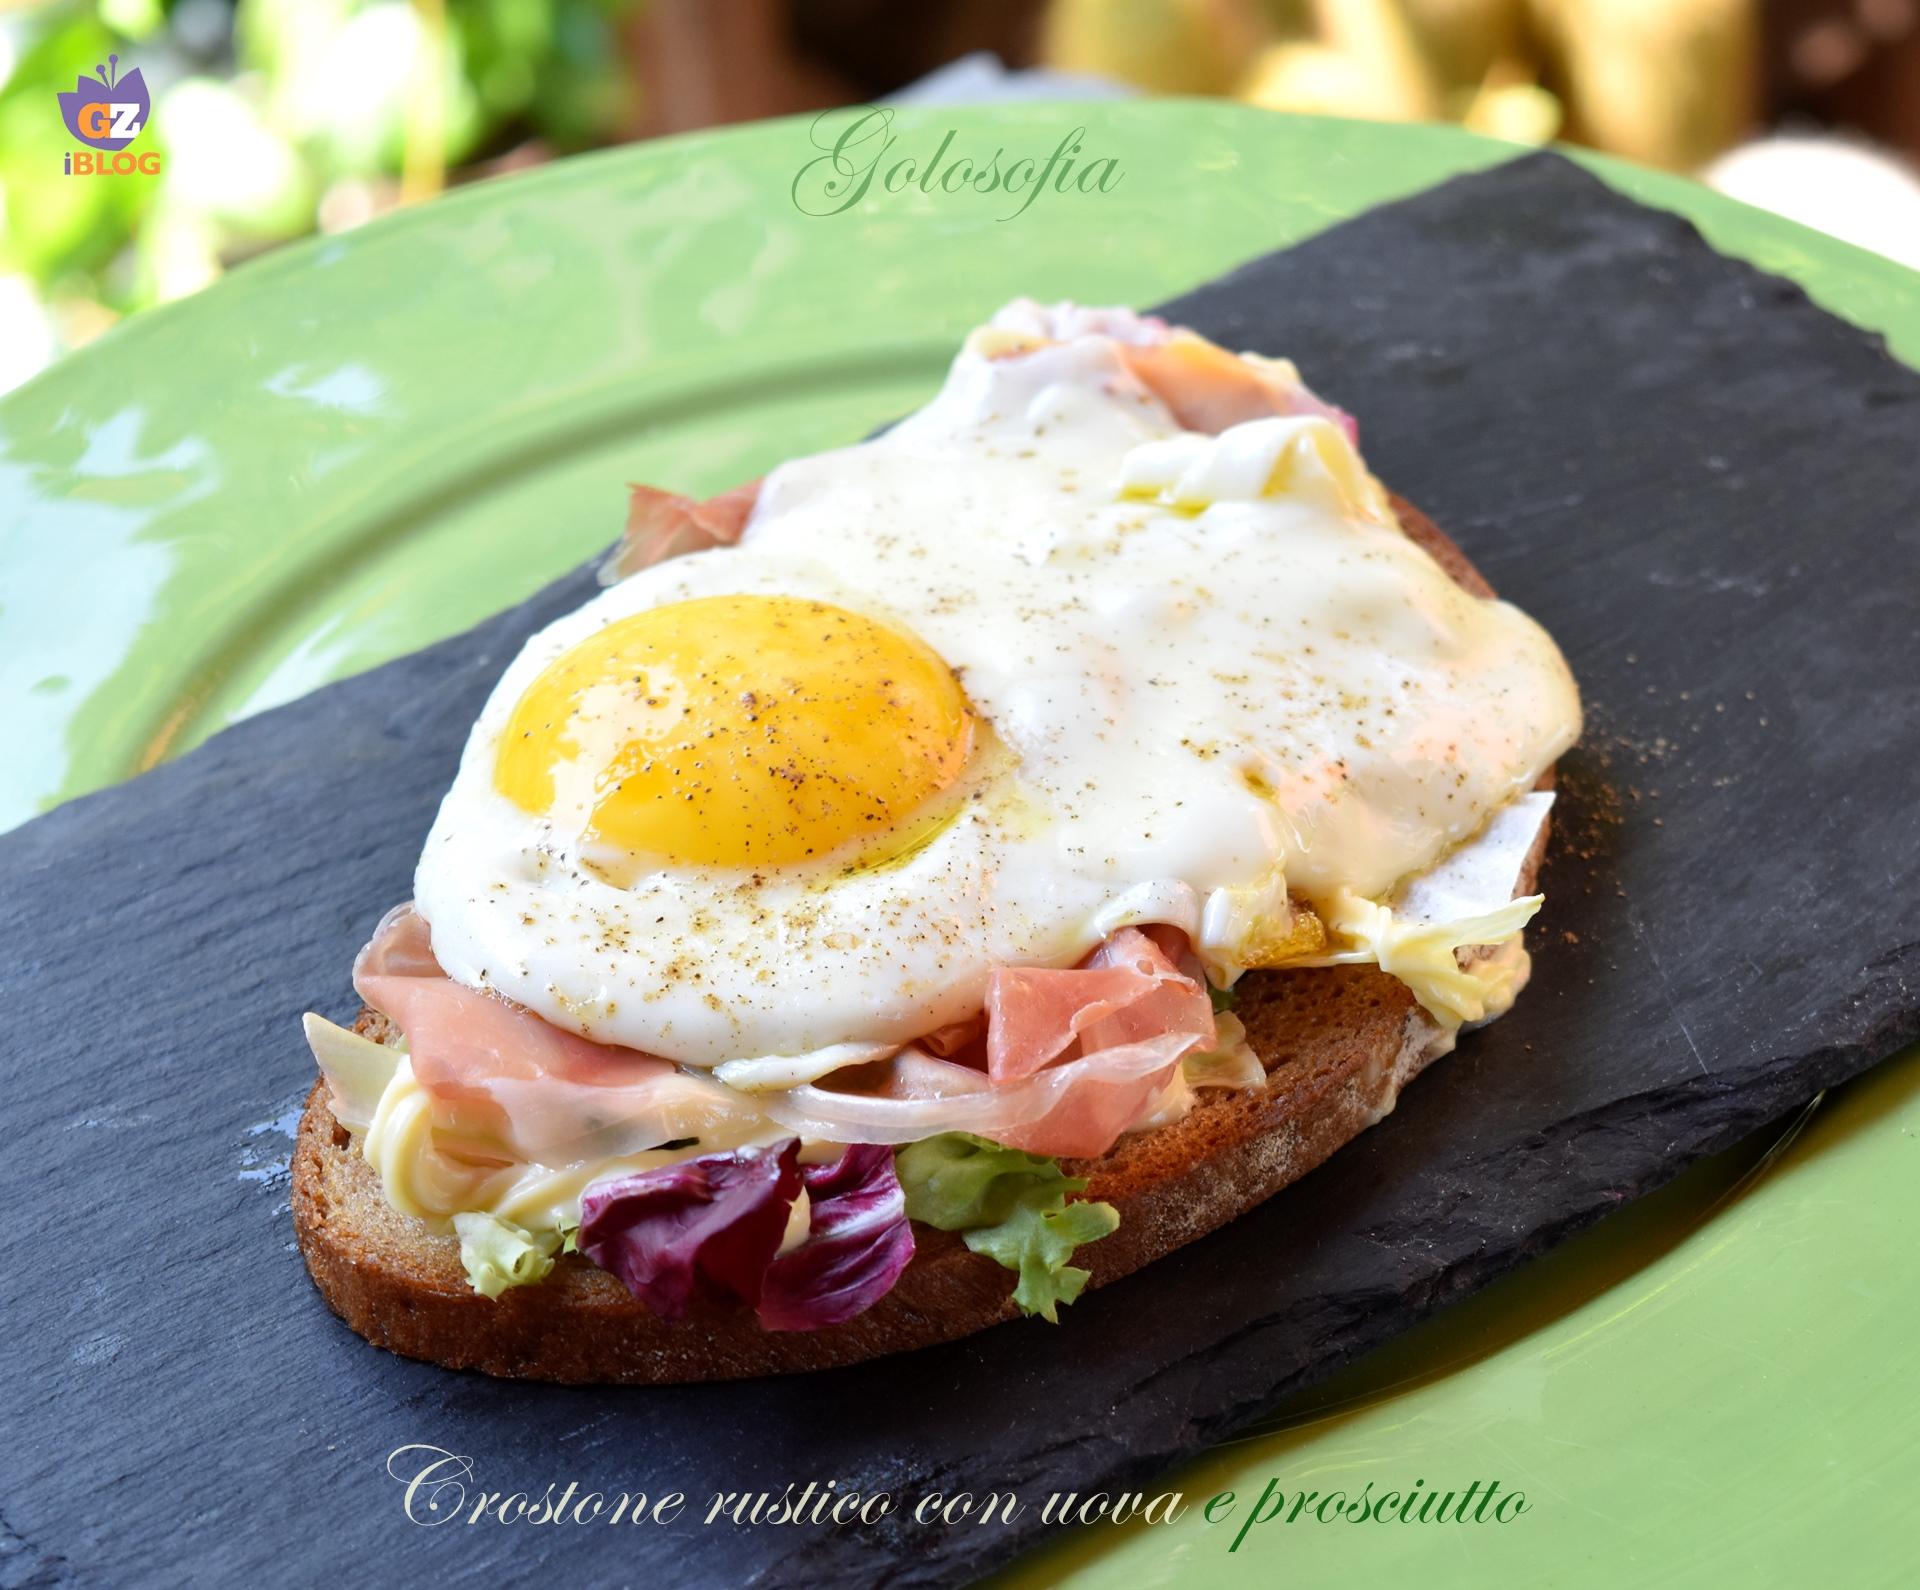 Crostone rustico con uova e prosciutto-ricetta secondi-golosofia